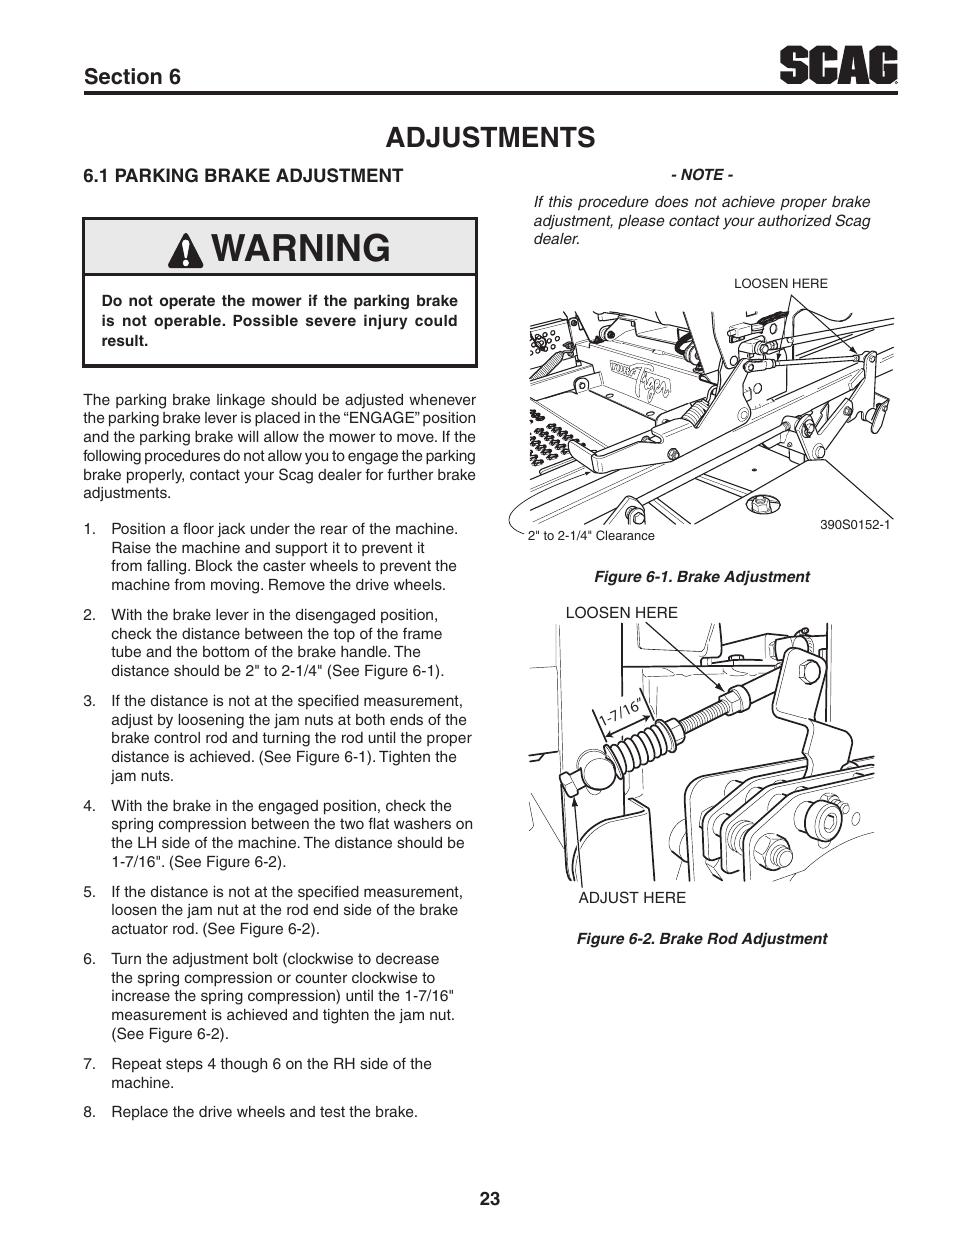 Adjustments, Section 6, 1 parking brake adjustment | Scag Power